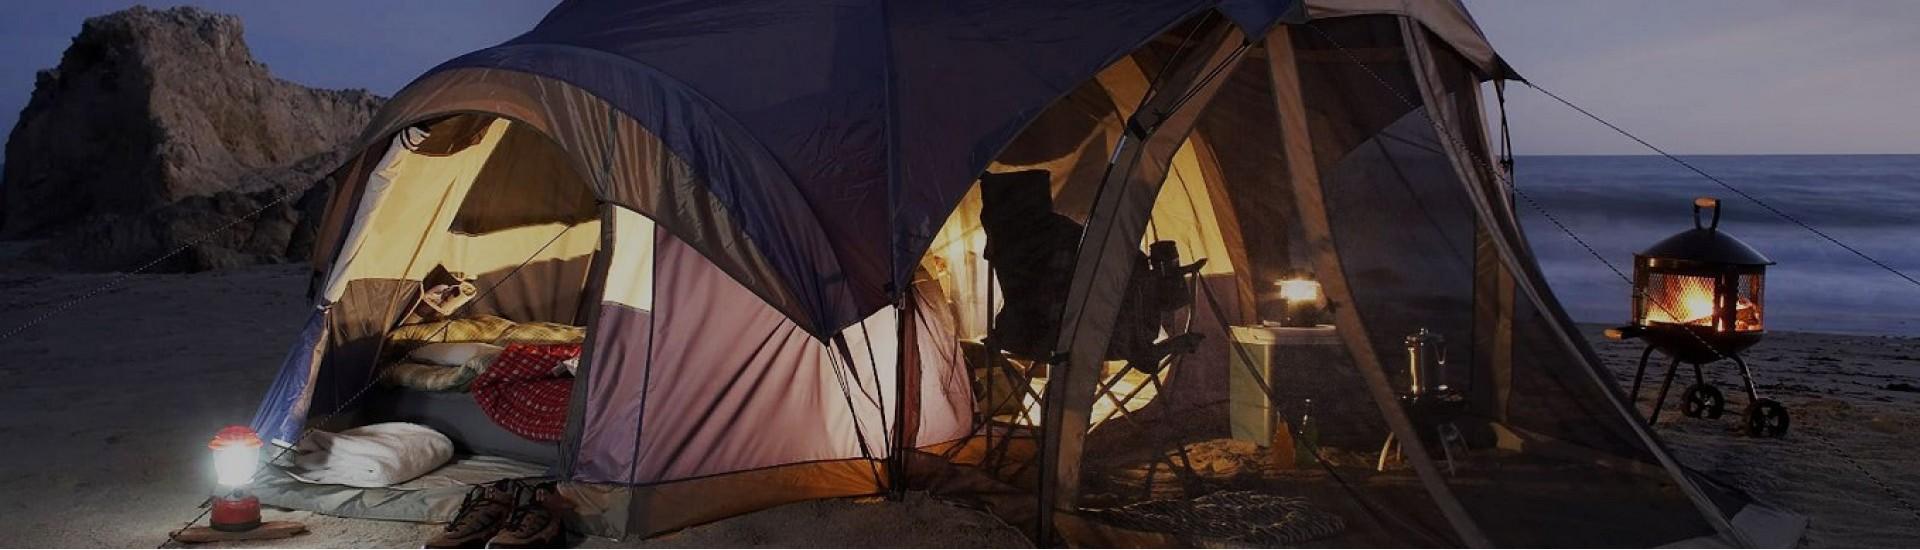 ورزشی و تفریحی ، outdoor sports & camping gear